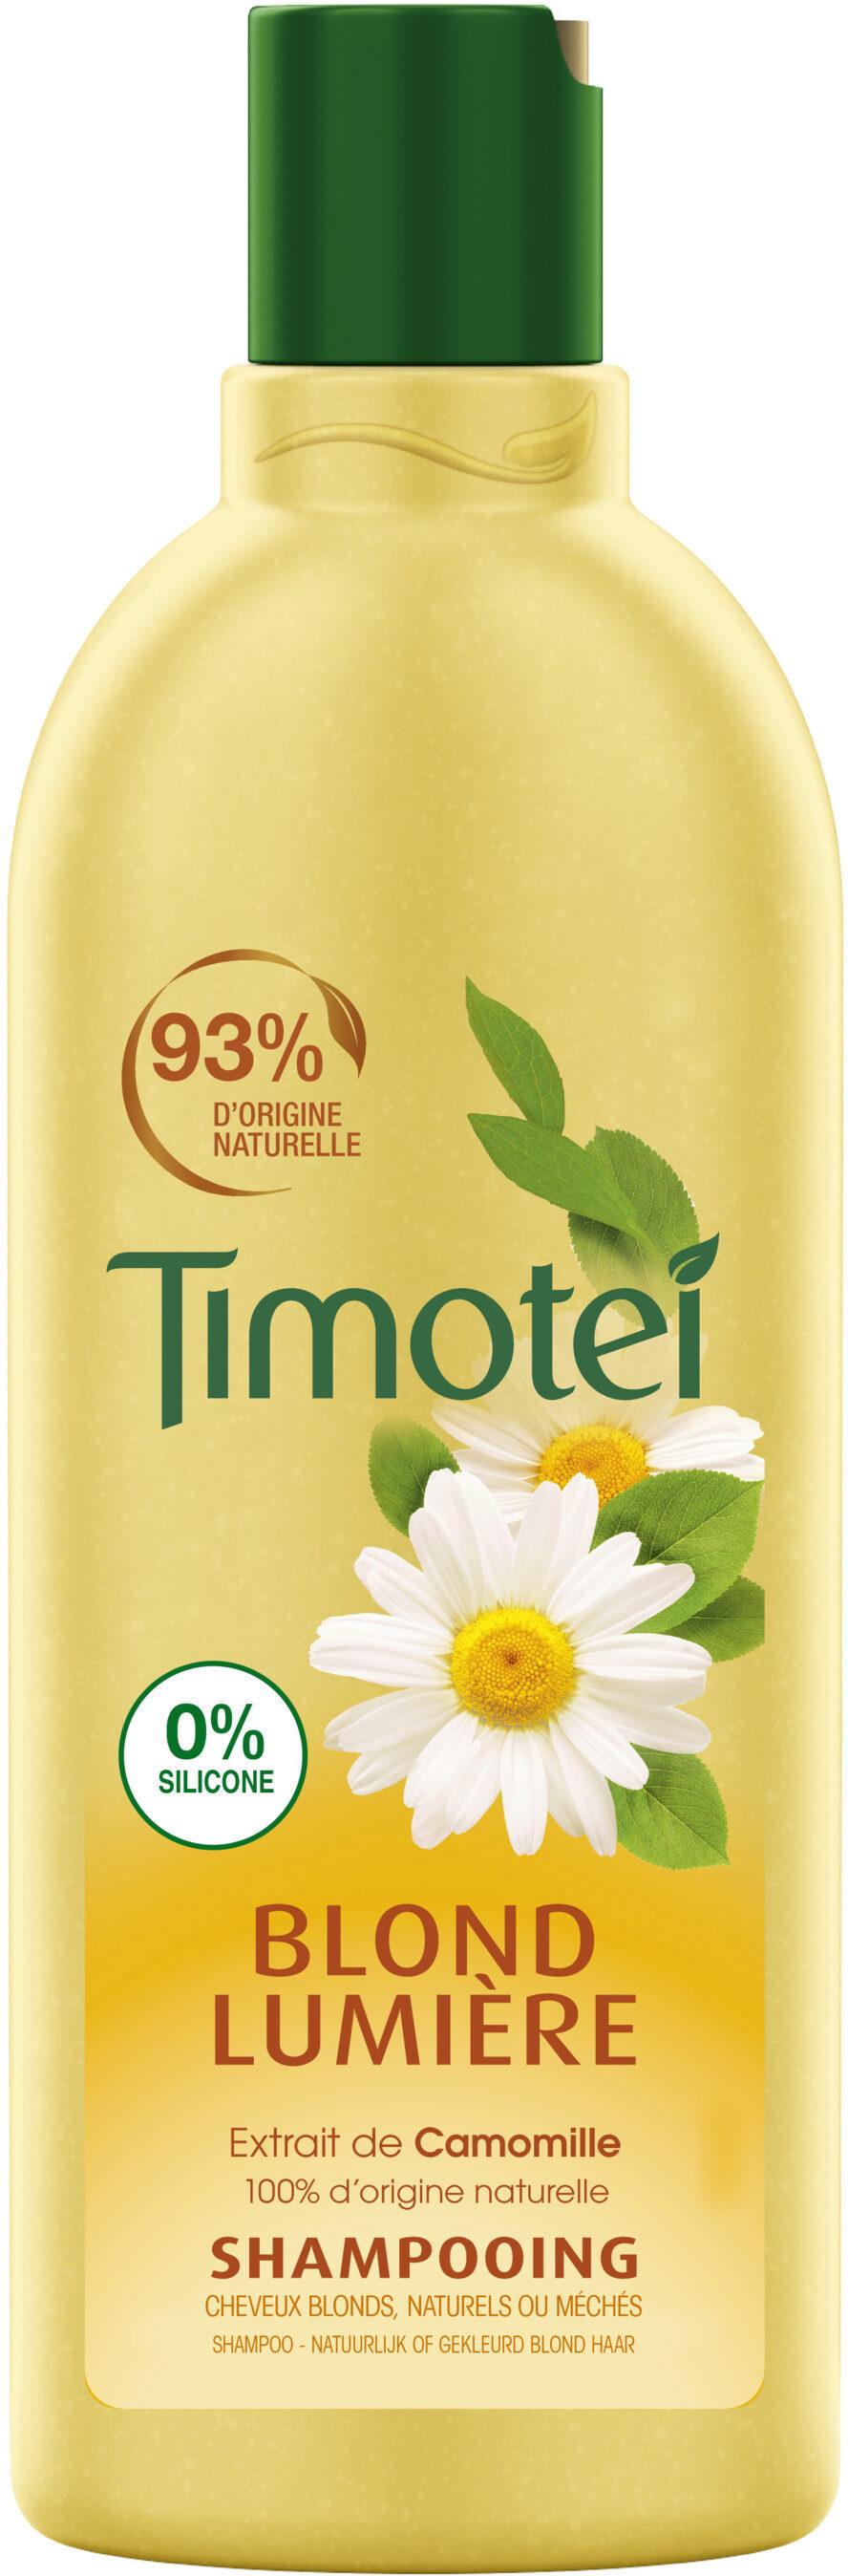 Timotei Blond Lumière Shampoing Femme à l'Extrait de Camomille - Product - fr